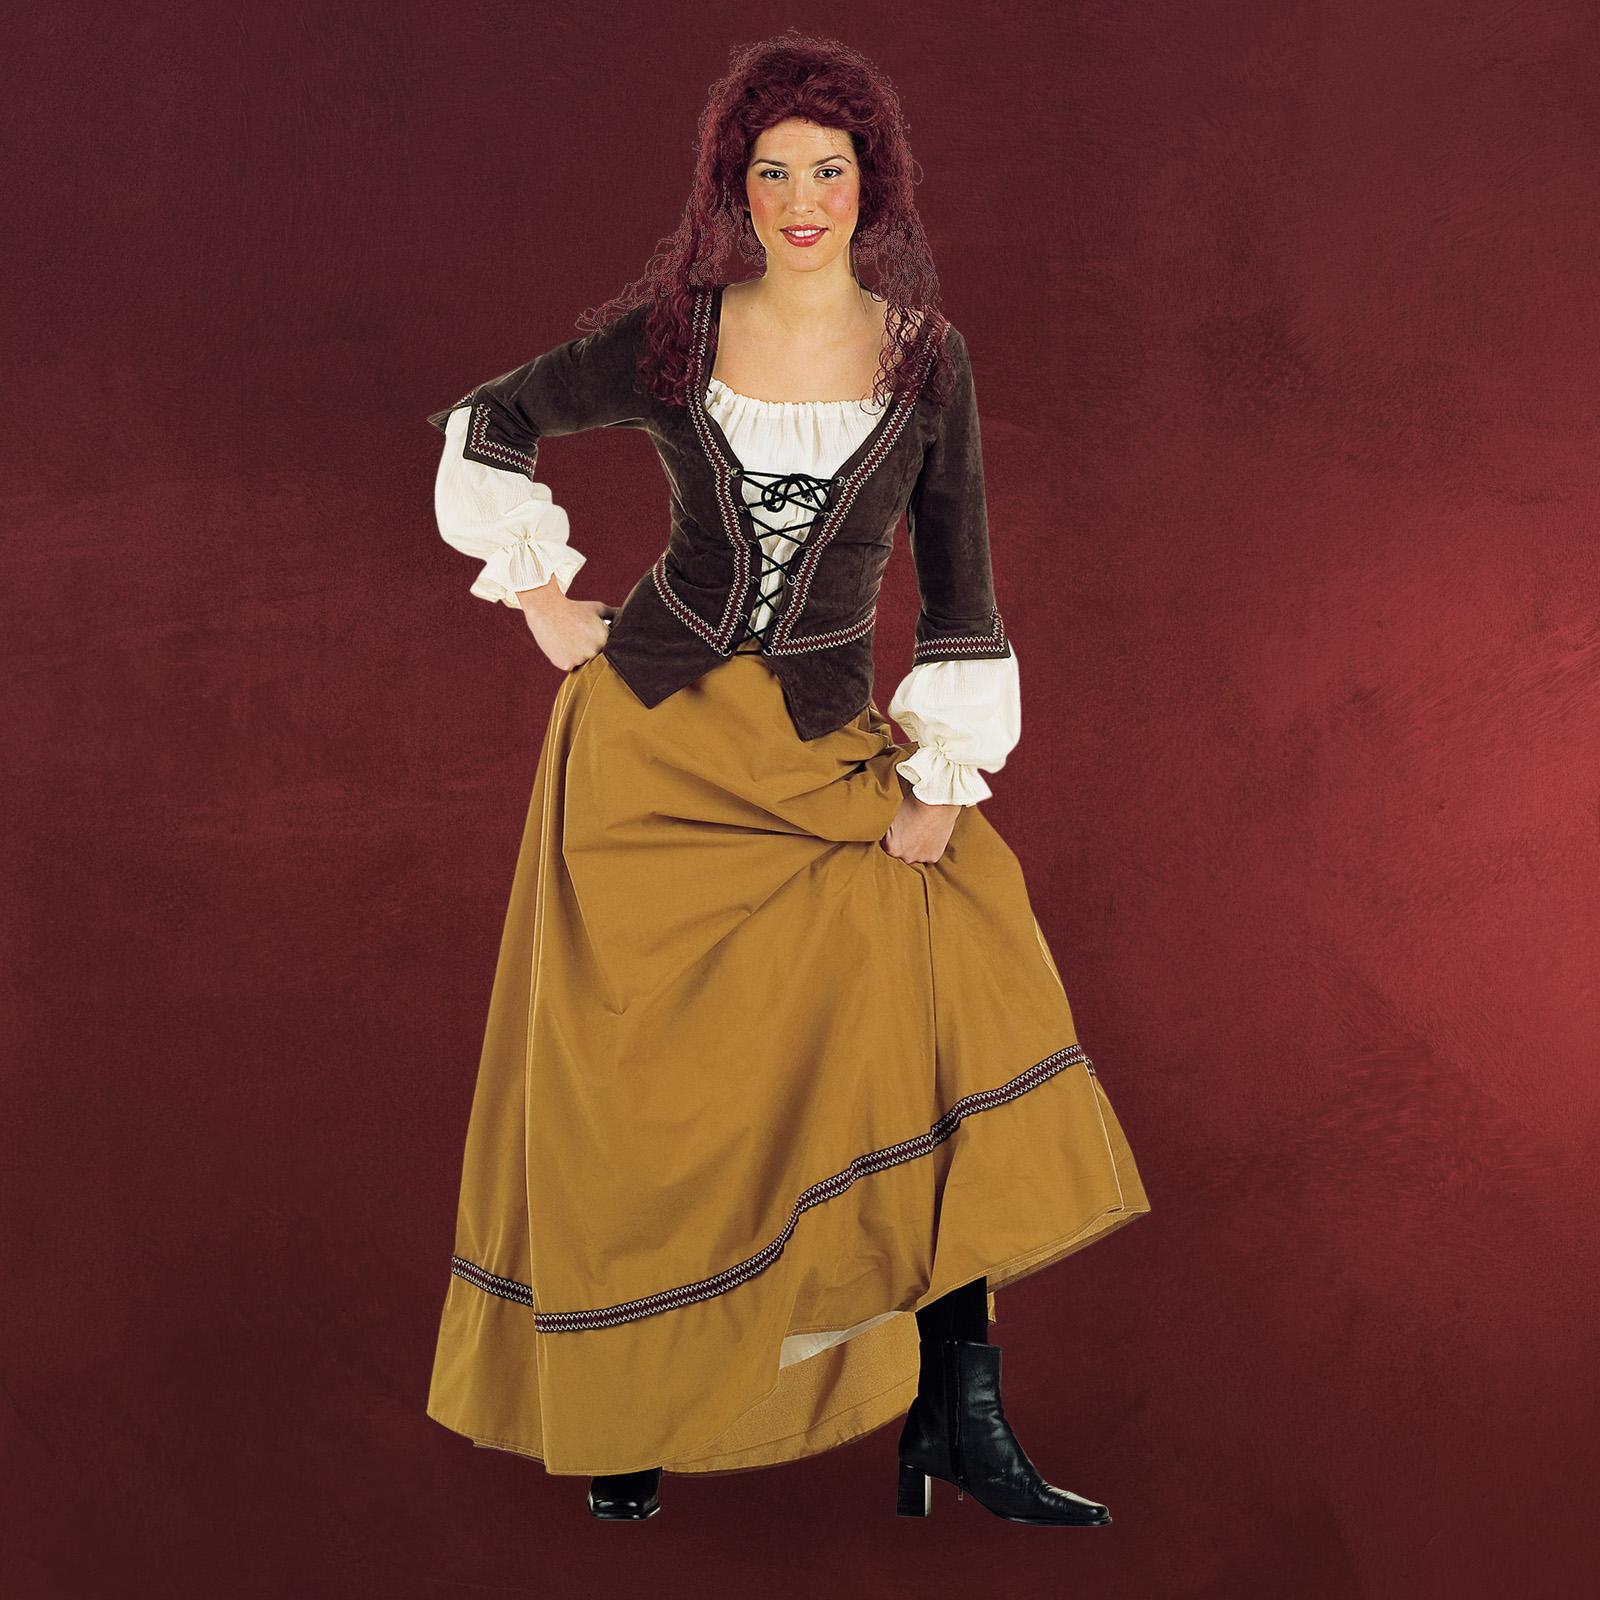 damen kost m marktfrau mittelalter magd gewand 2 tlg bluse m mieder rock lang ebay. Black Bedroom Furniture Sets. Home Design Ideas